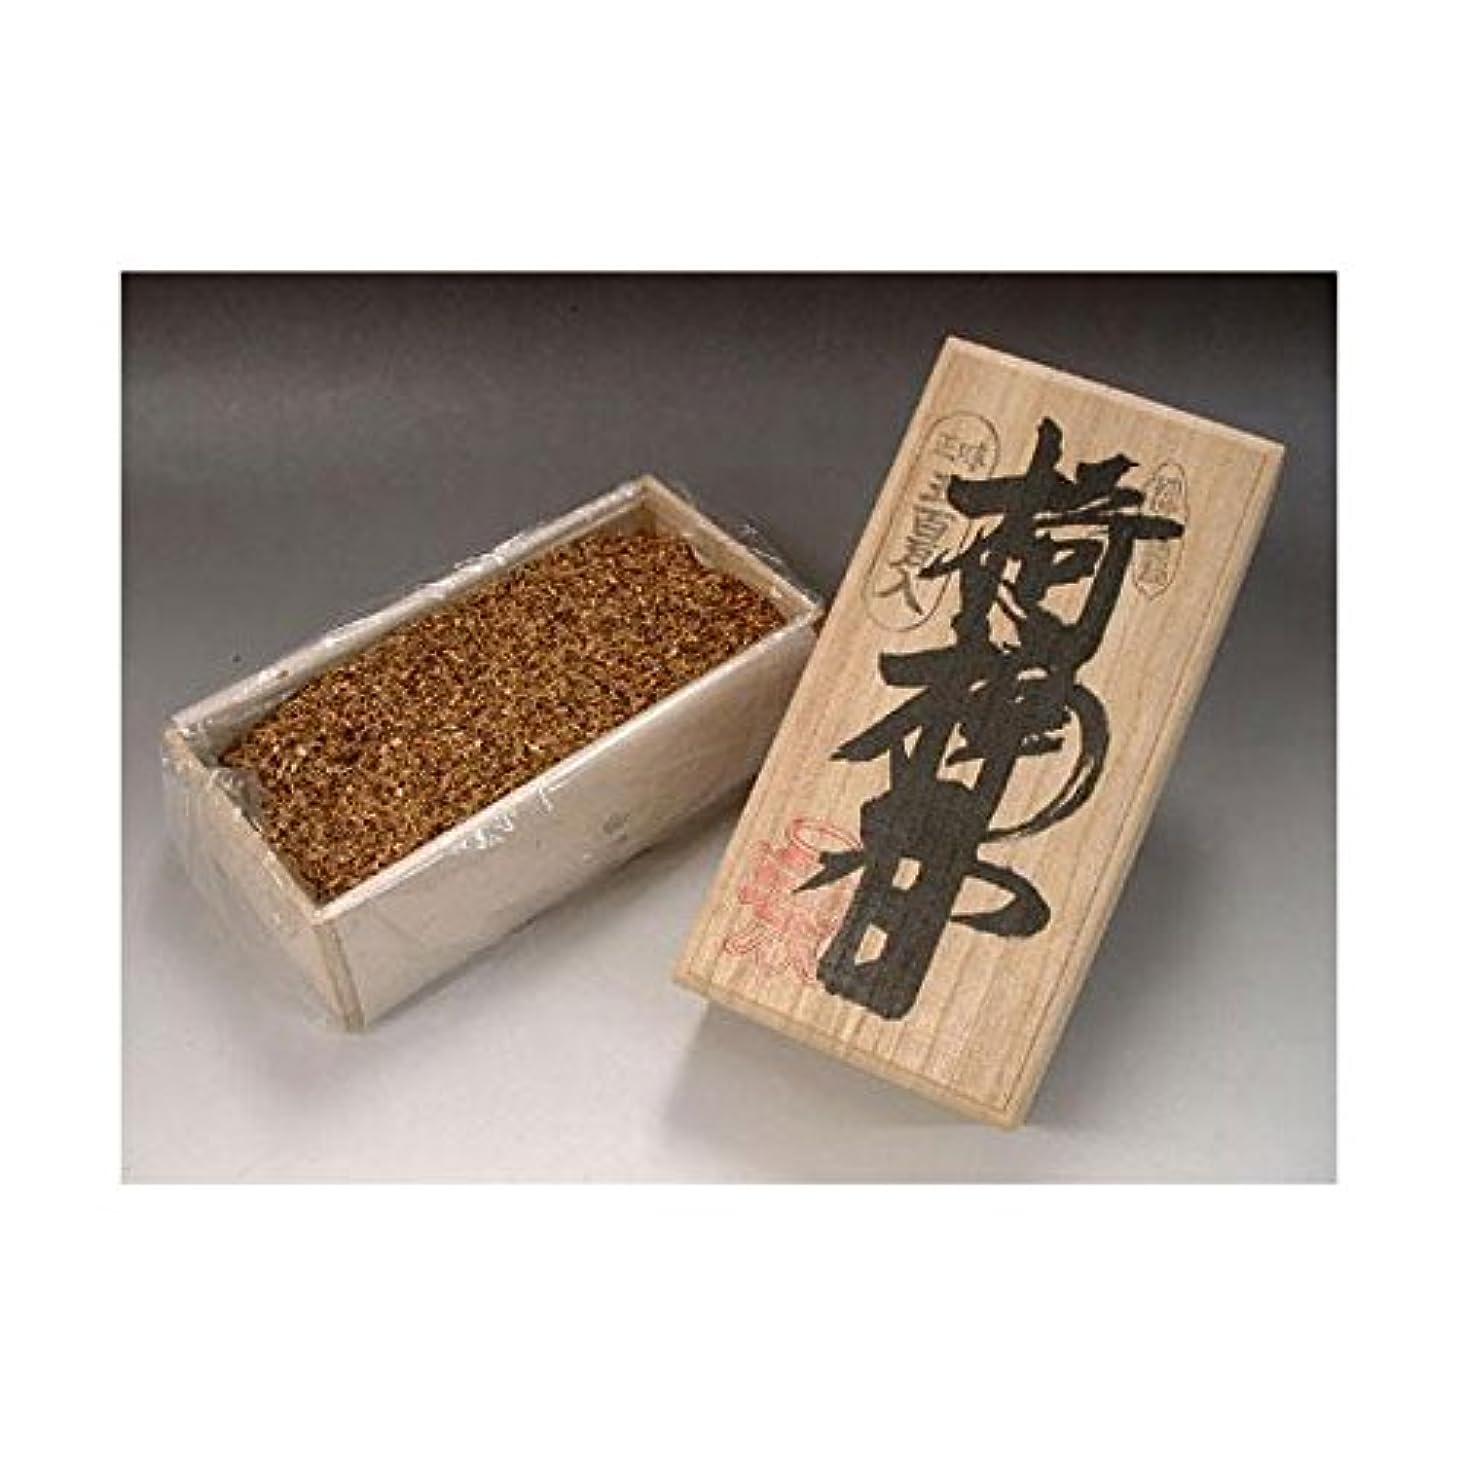 肌寒い高度関係する焼香 椅楠香(キナンコウ)500g桐箱入